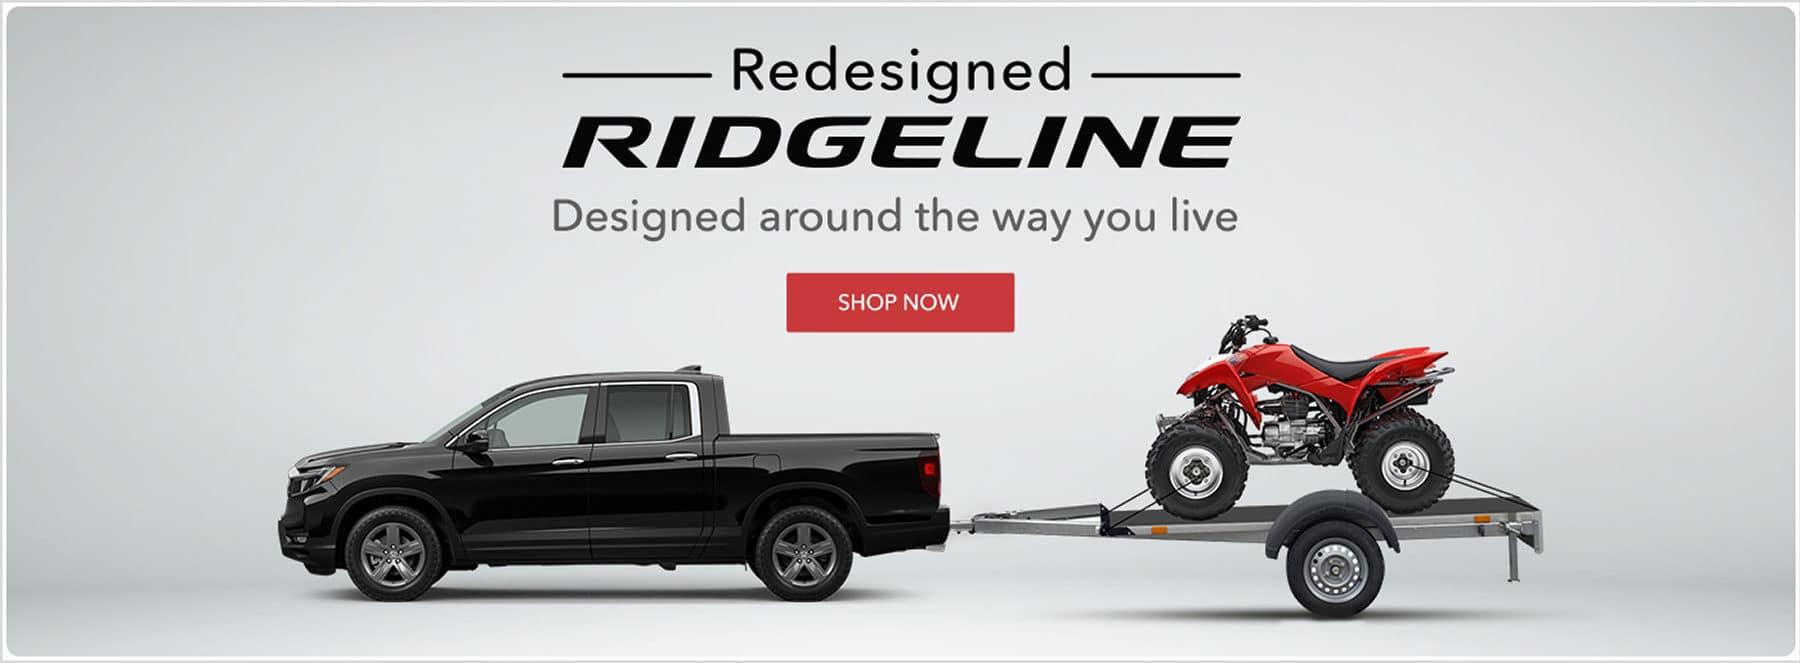 Ridgeline_Redesign_1800x663